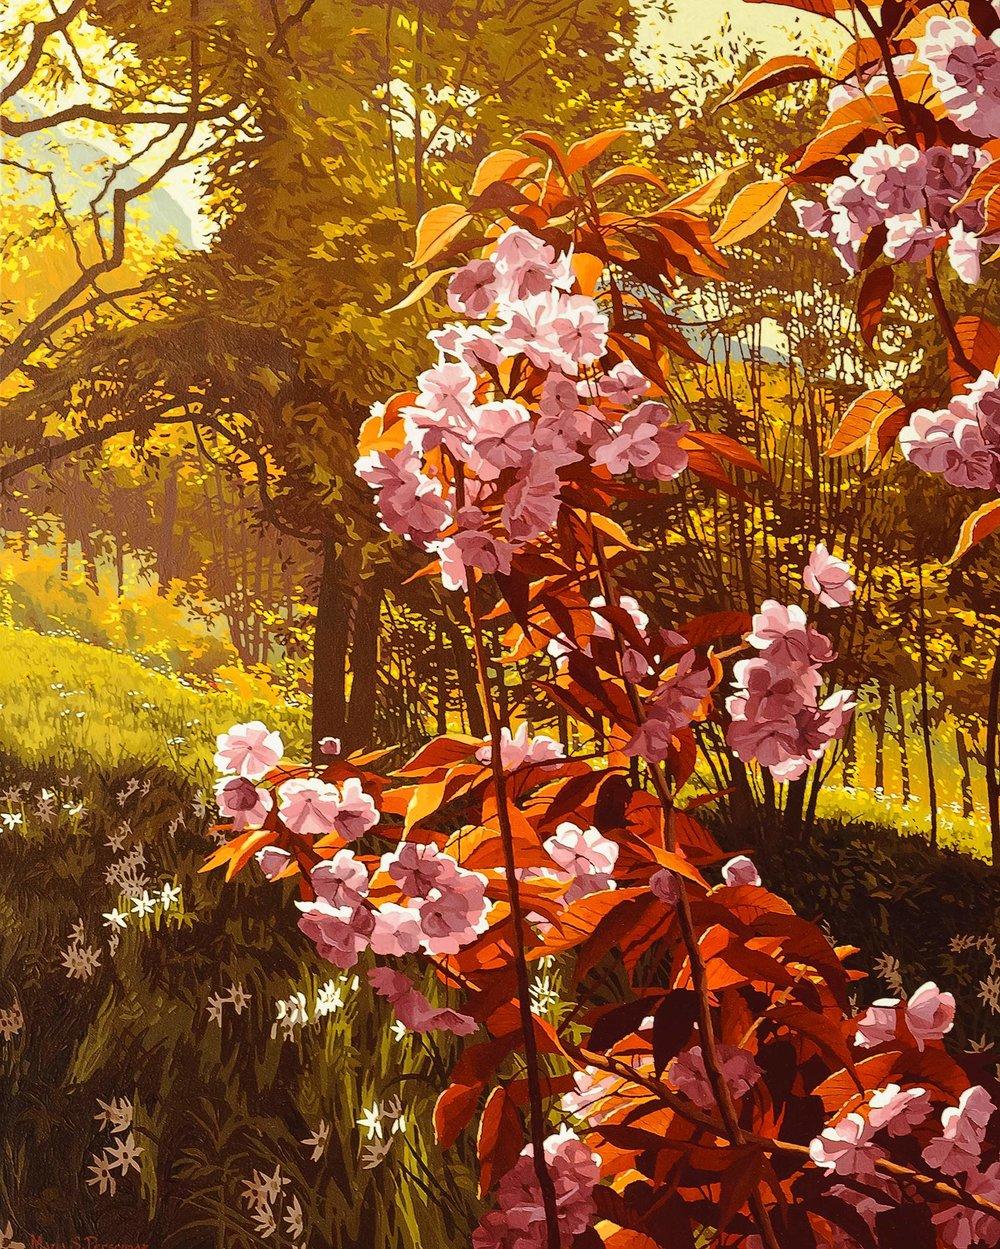 Prunus en fleurs dans un champs de narcisses